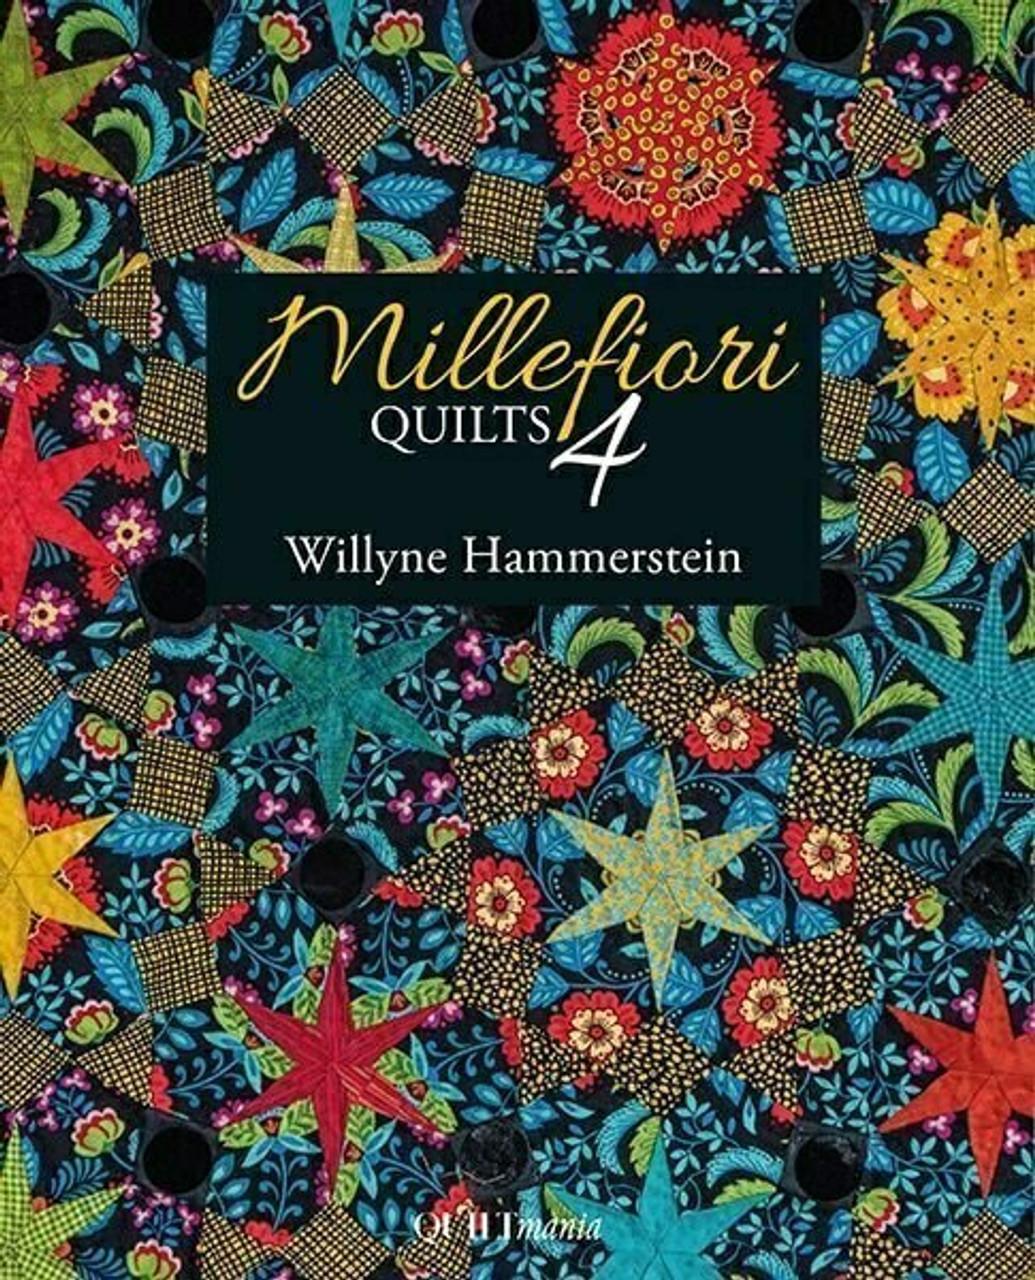 Millefiori Quilts 4 by Willyne Hammerstein